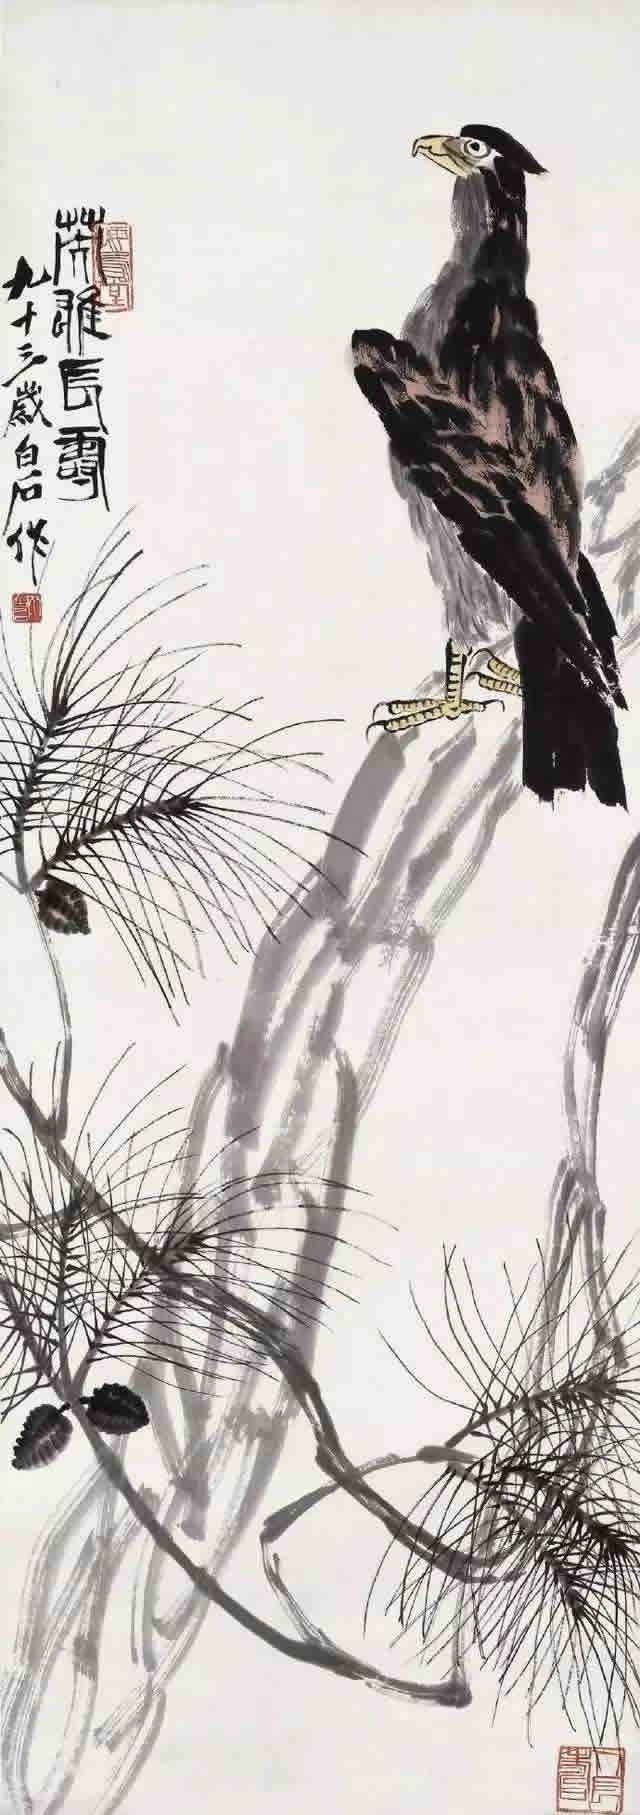 李苦禅画鹰_齐白石、李苦禅师徒二人画鹰,各有千秋!-名人字画网